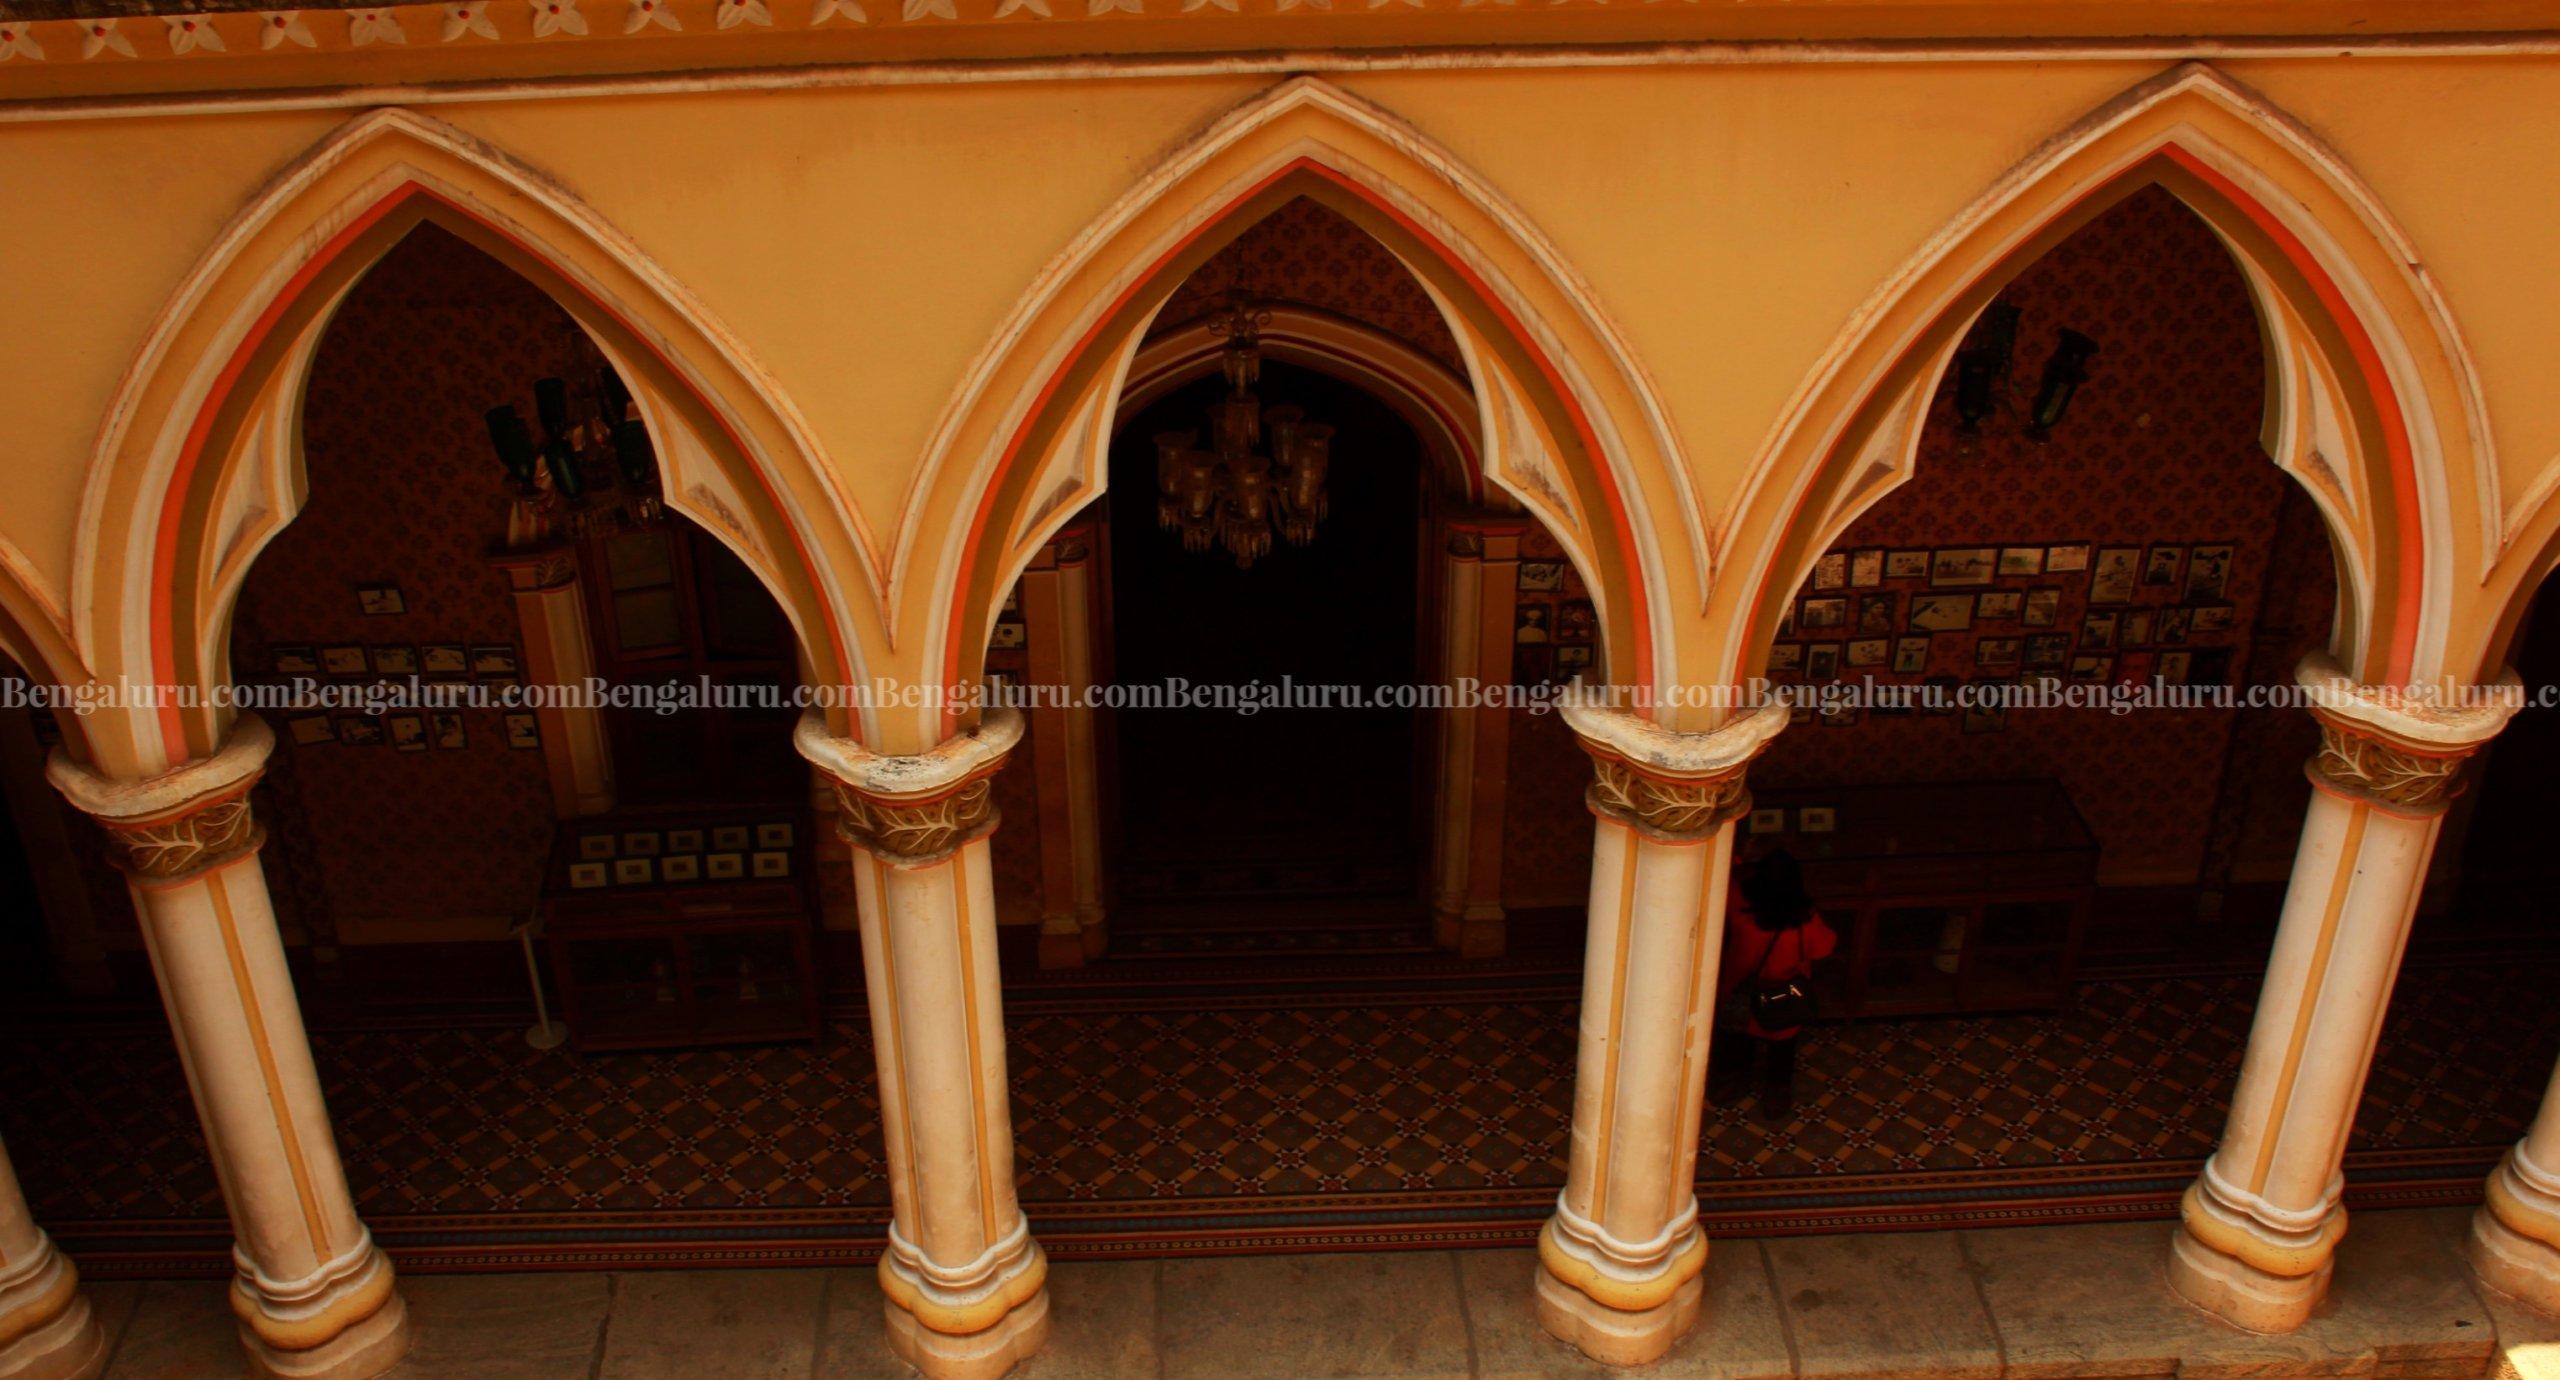 Bengaluru Palace Corridor